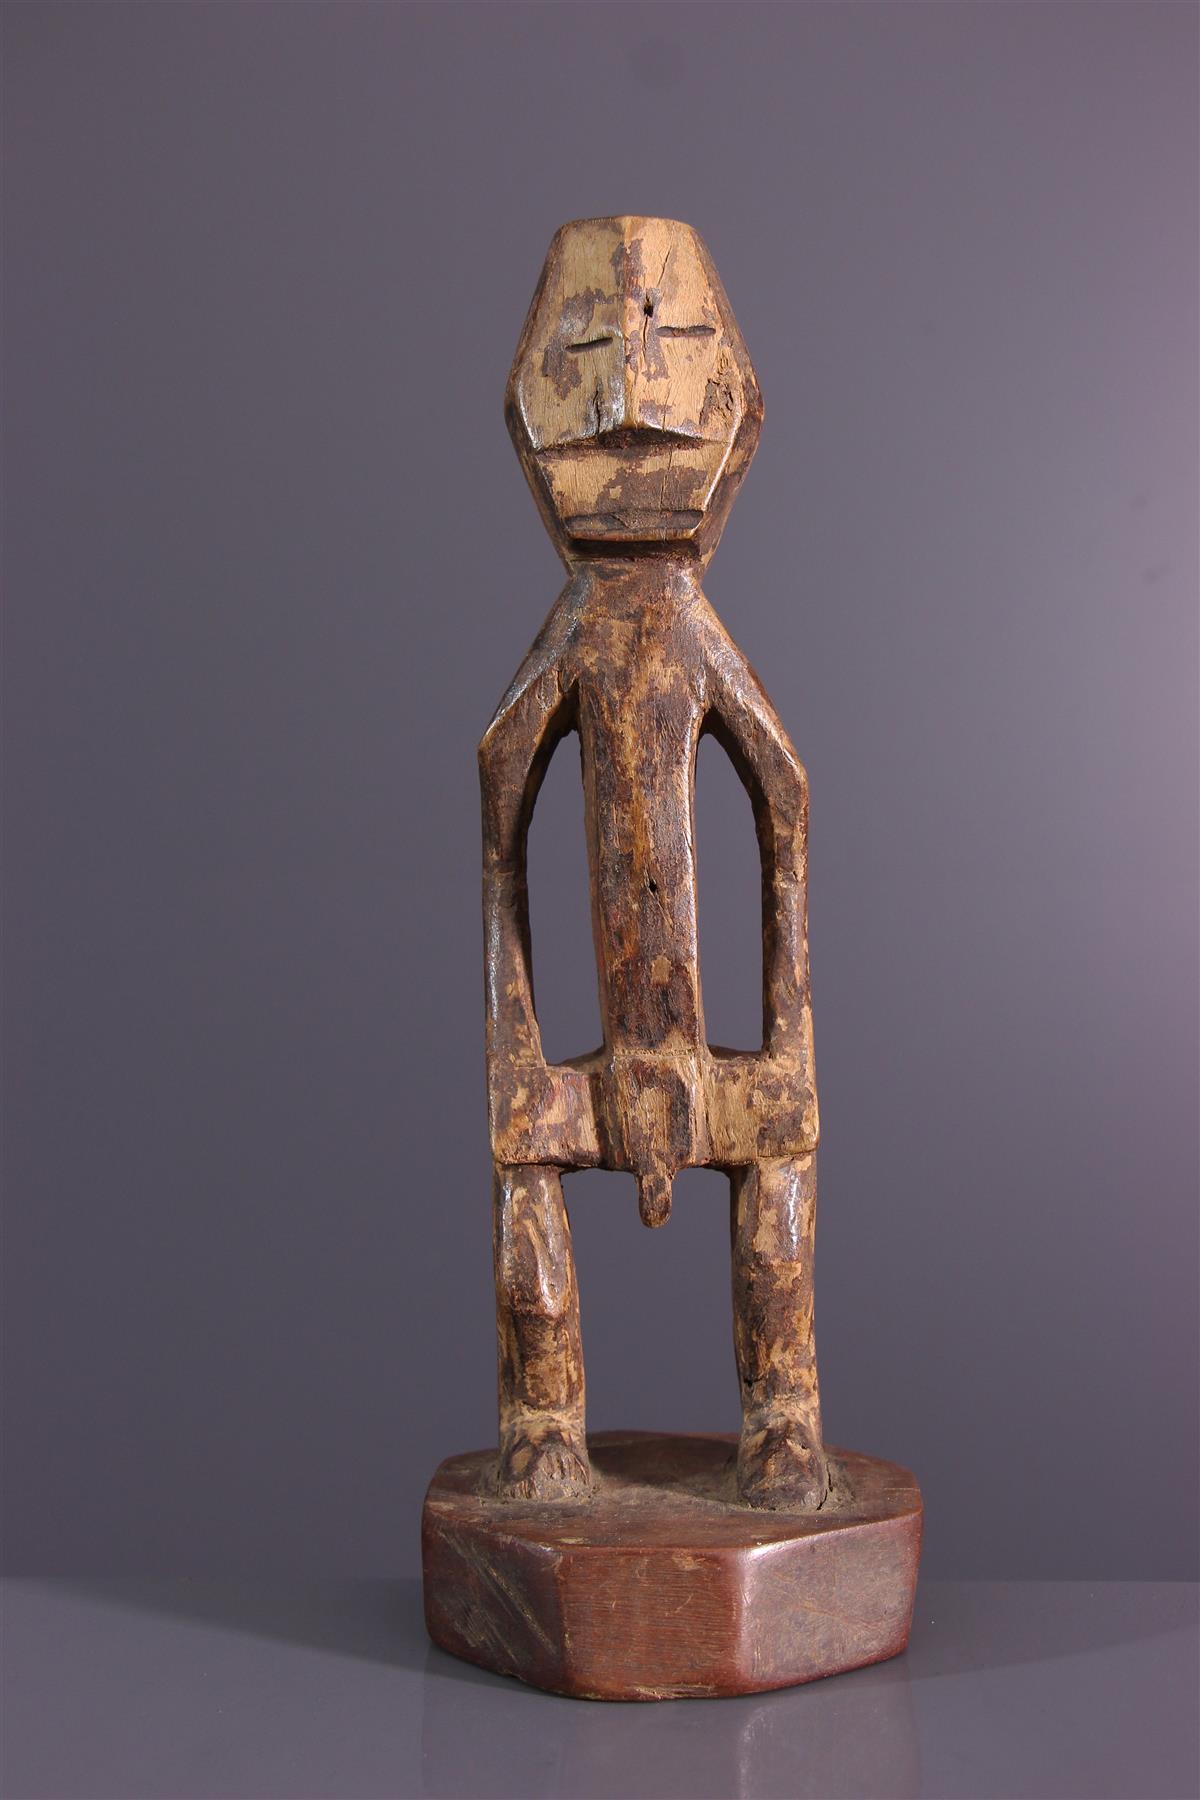 Statuette Metoko - African art